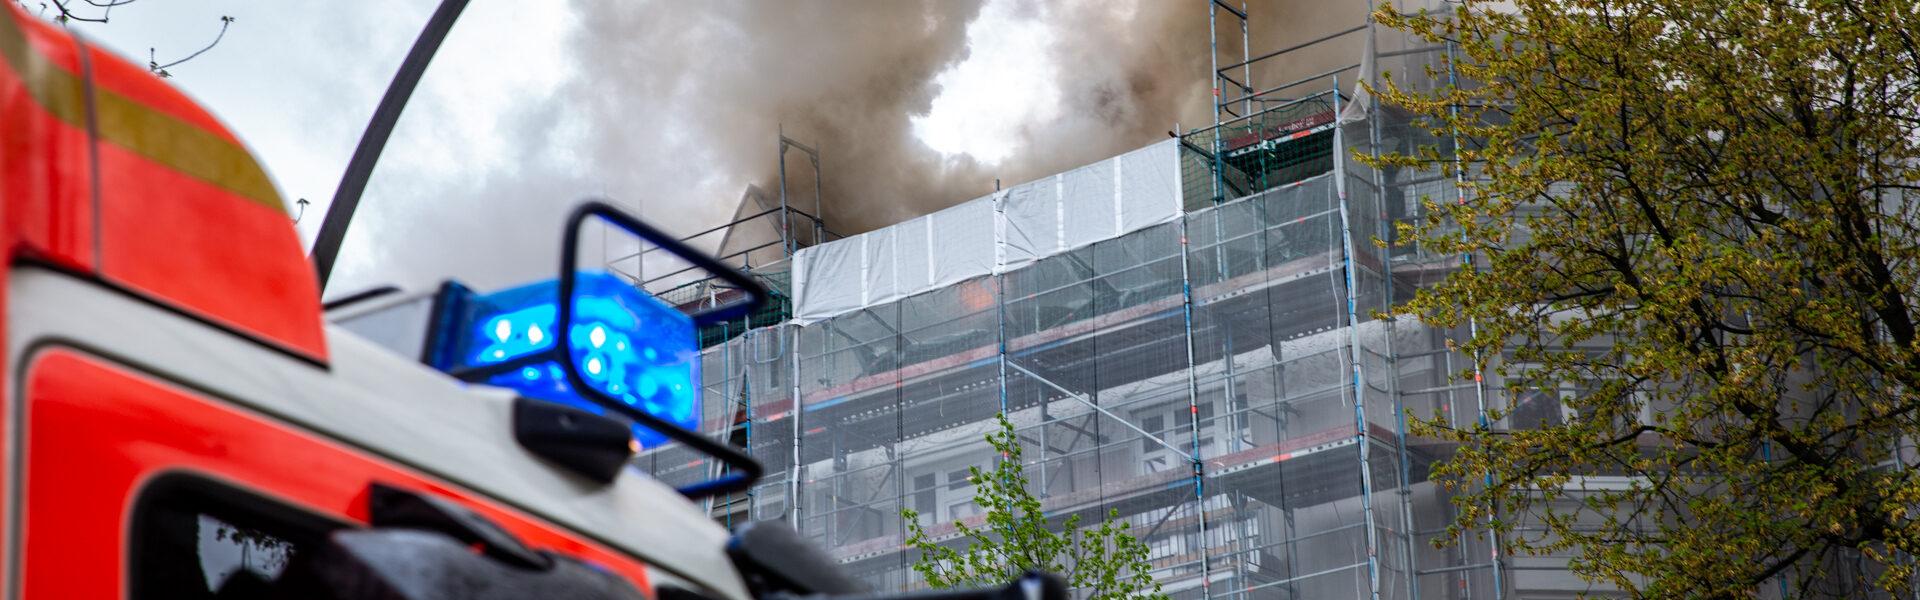 12.05.2021 – Dachstuhlbrand in Eimsbüttel